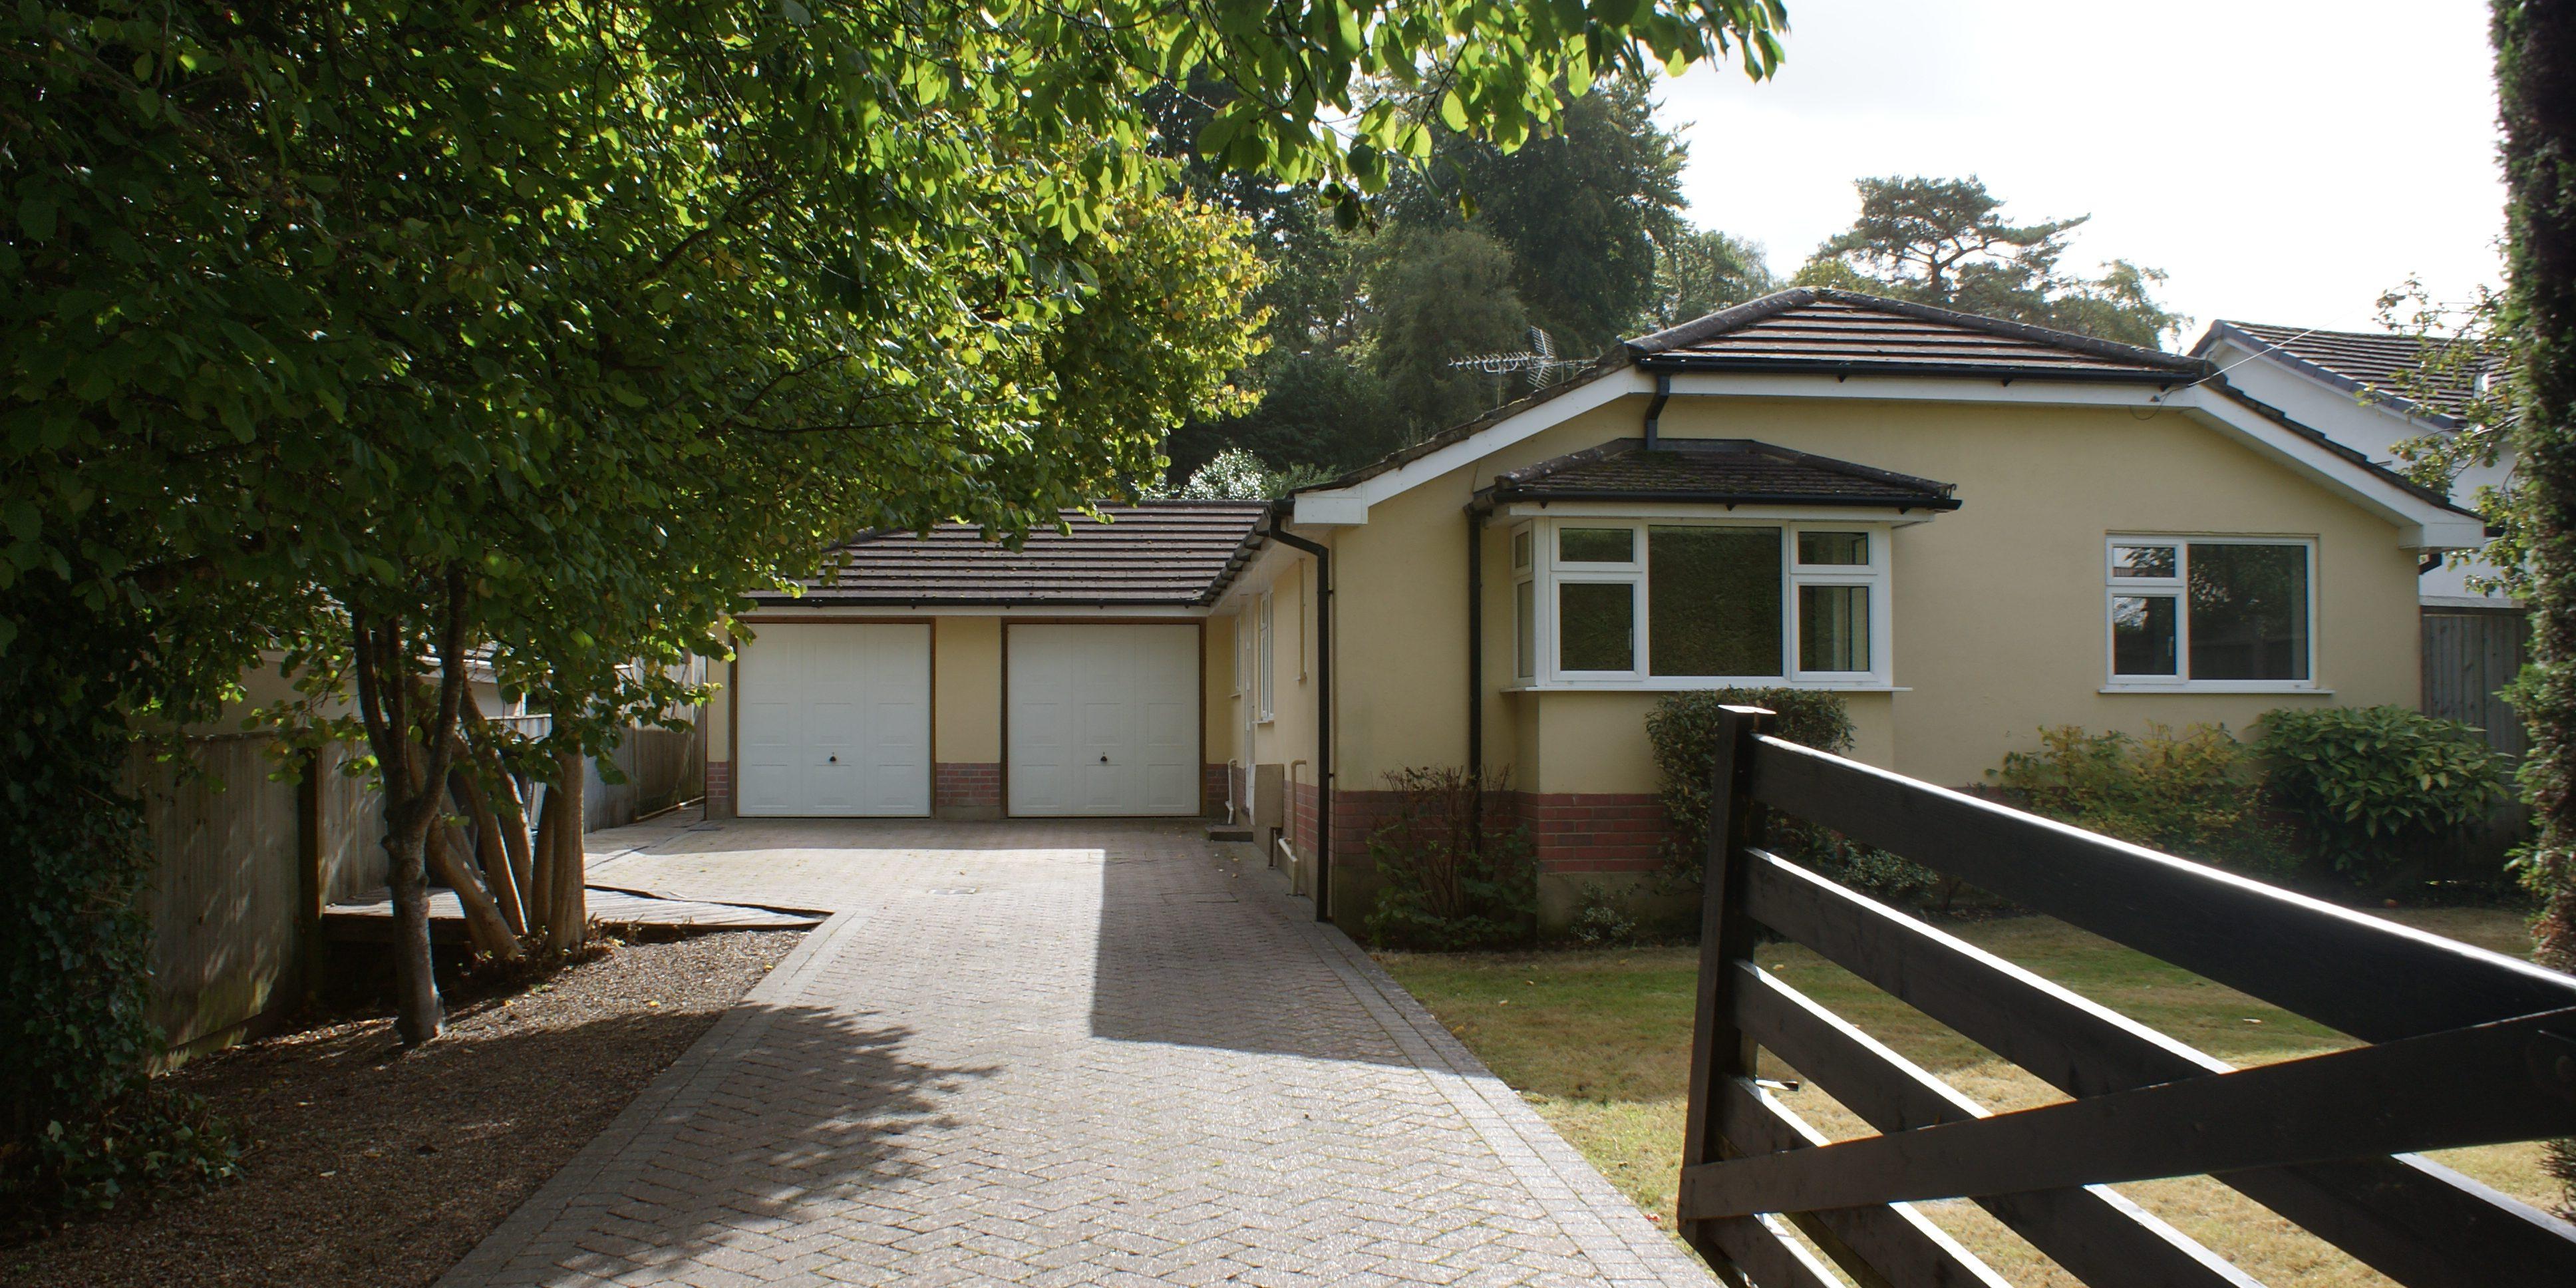 Colehill near Wimborne